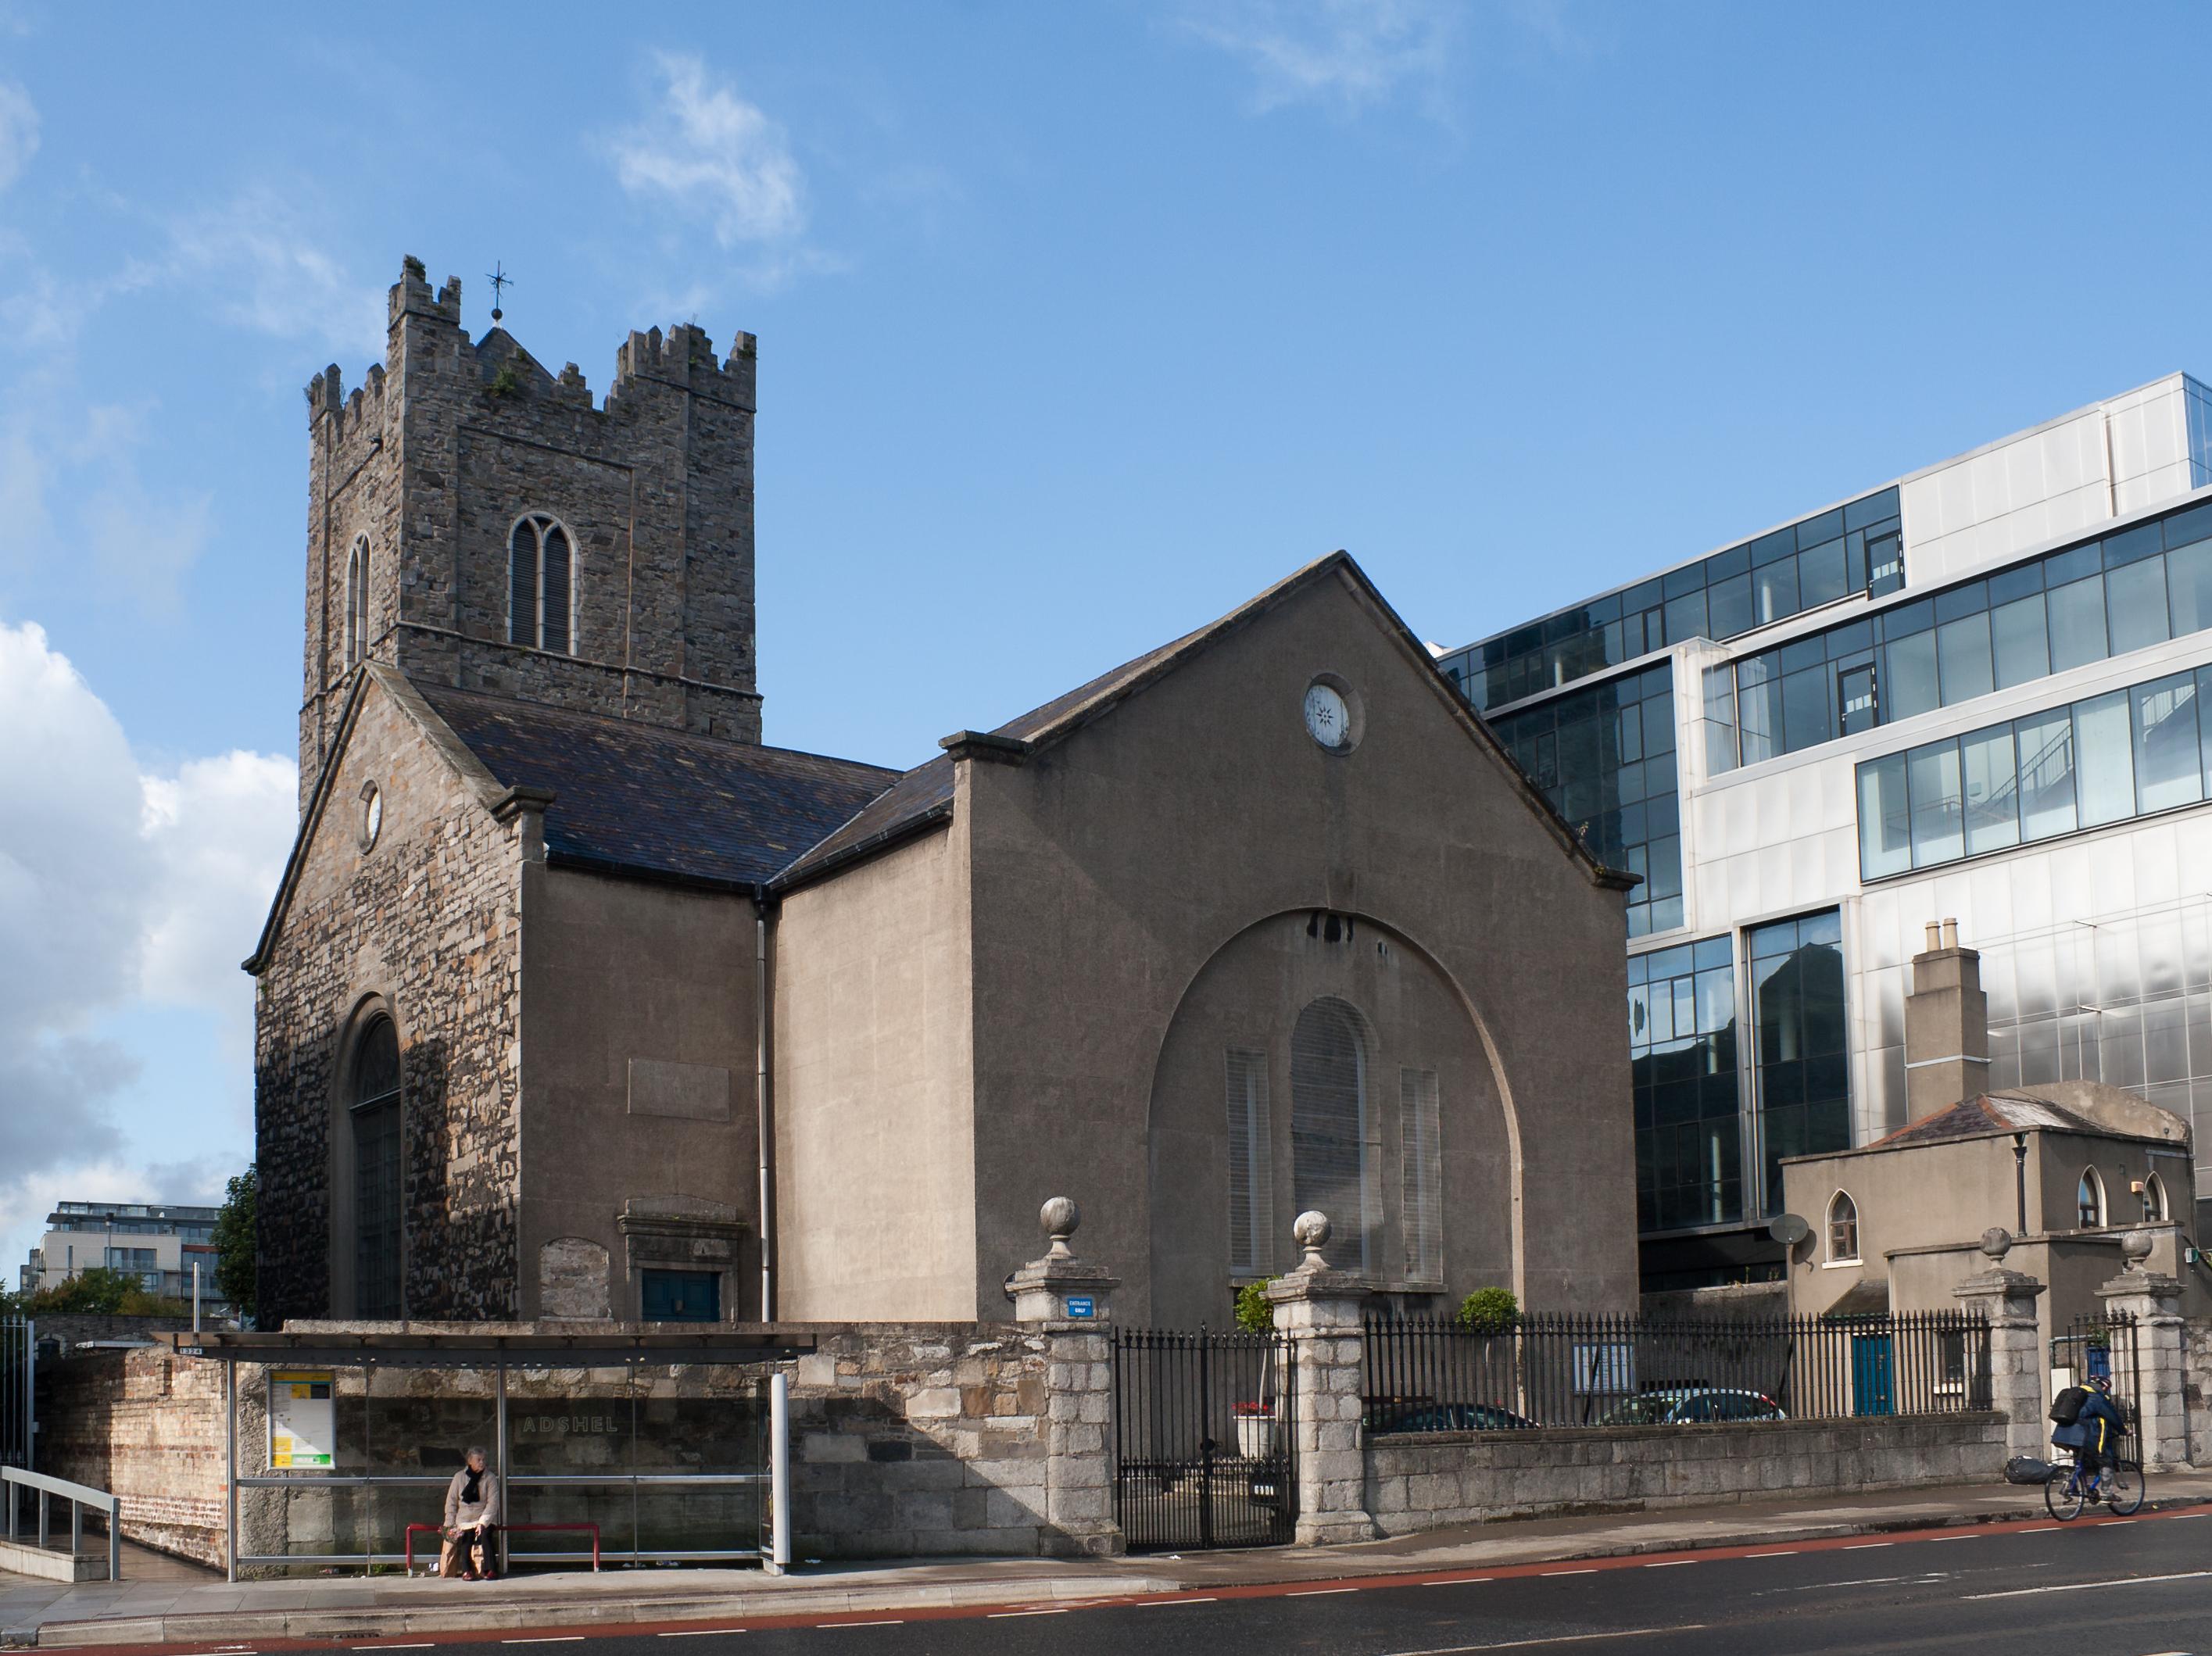 В Дублине из церкви похитили голову 800-летней мумии